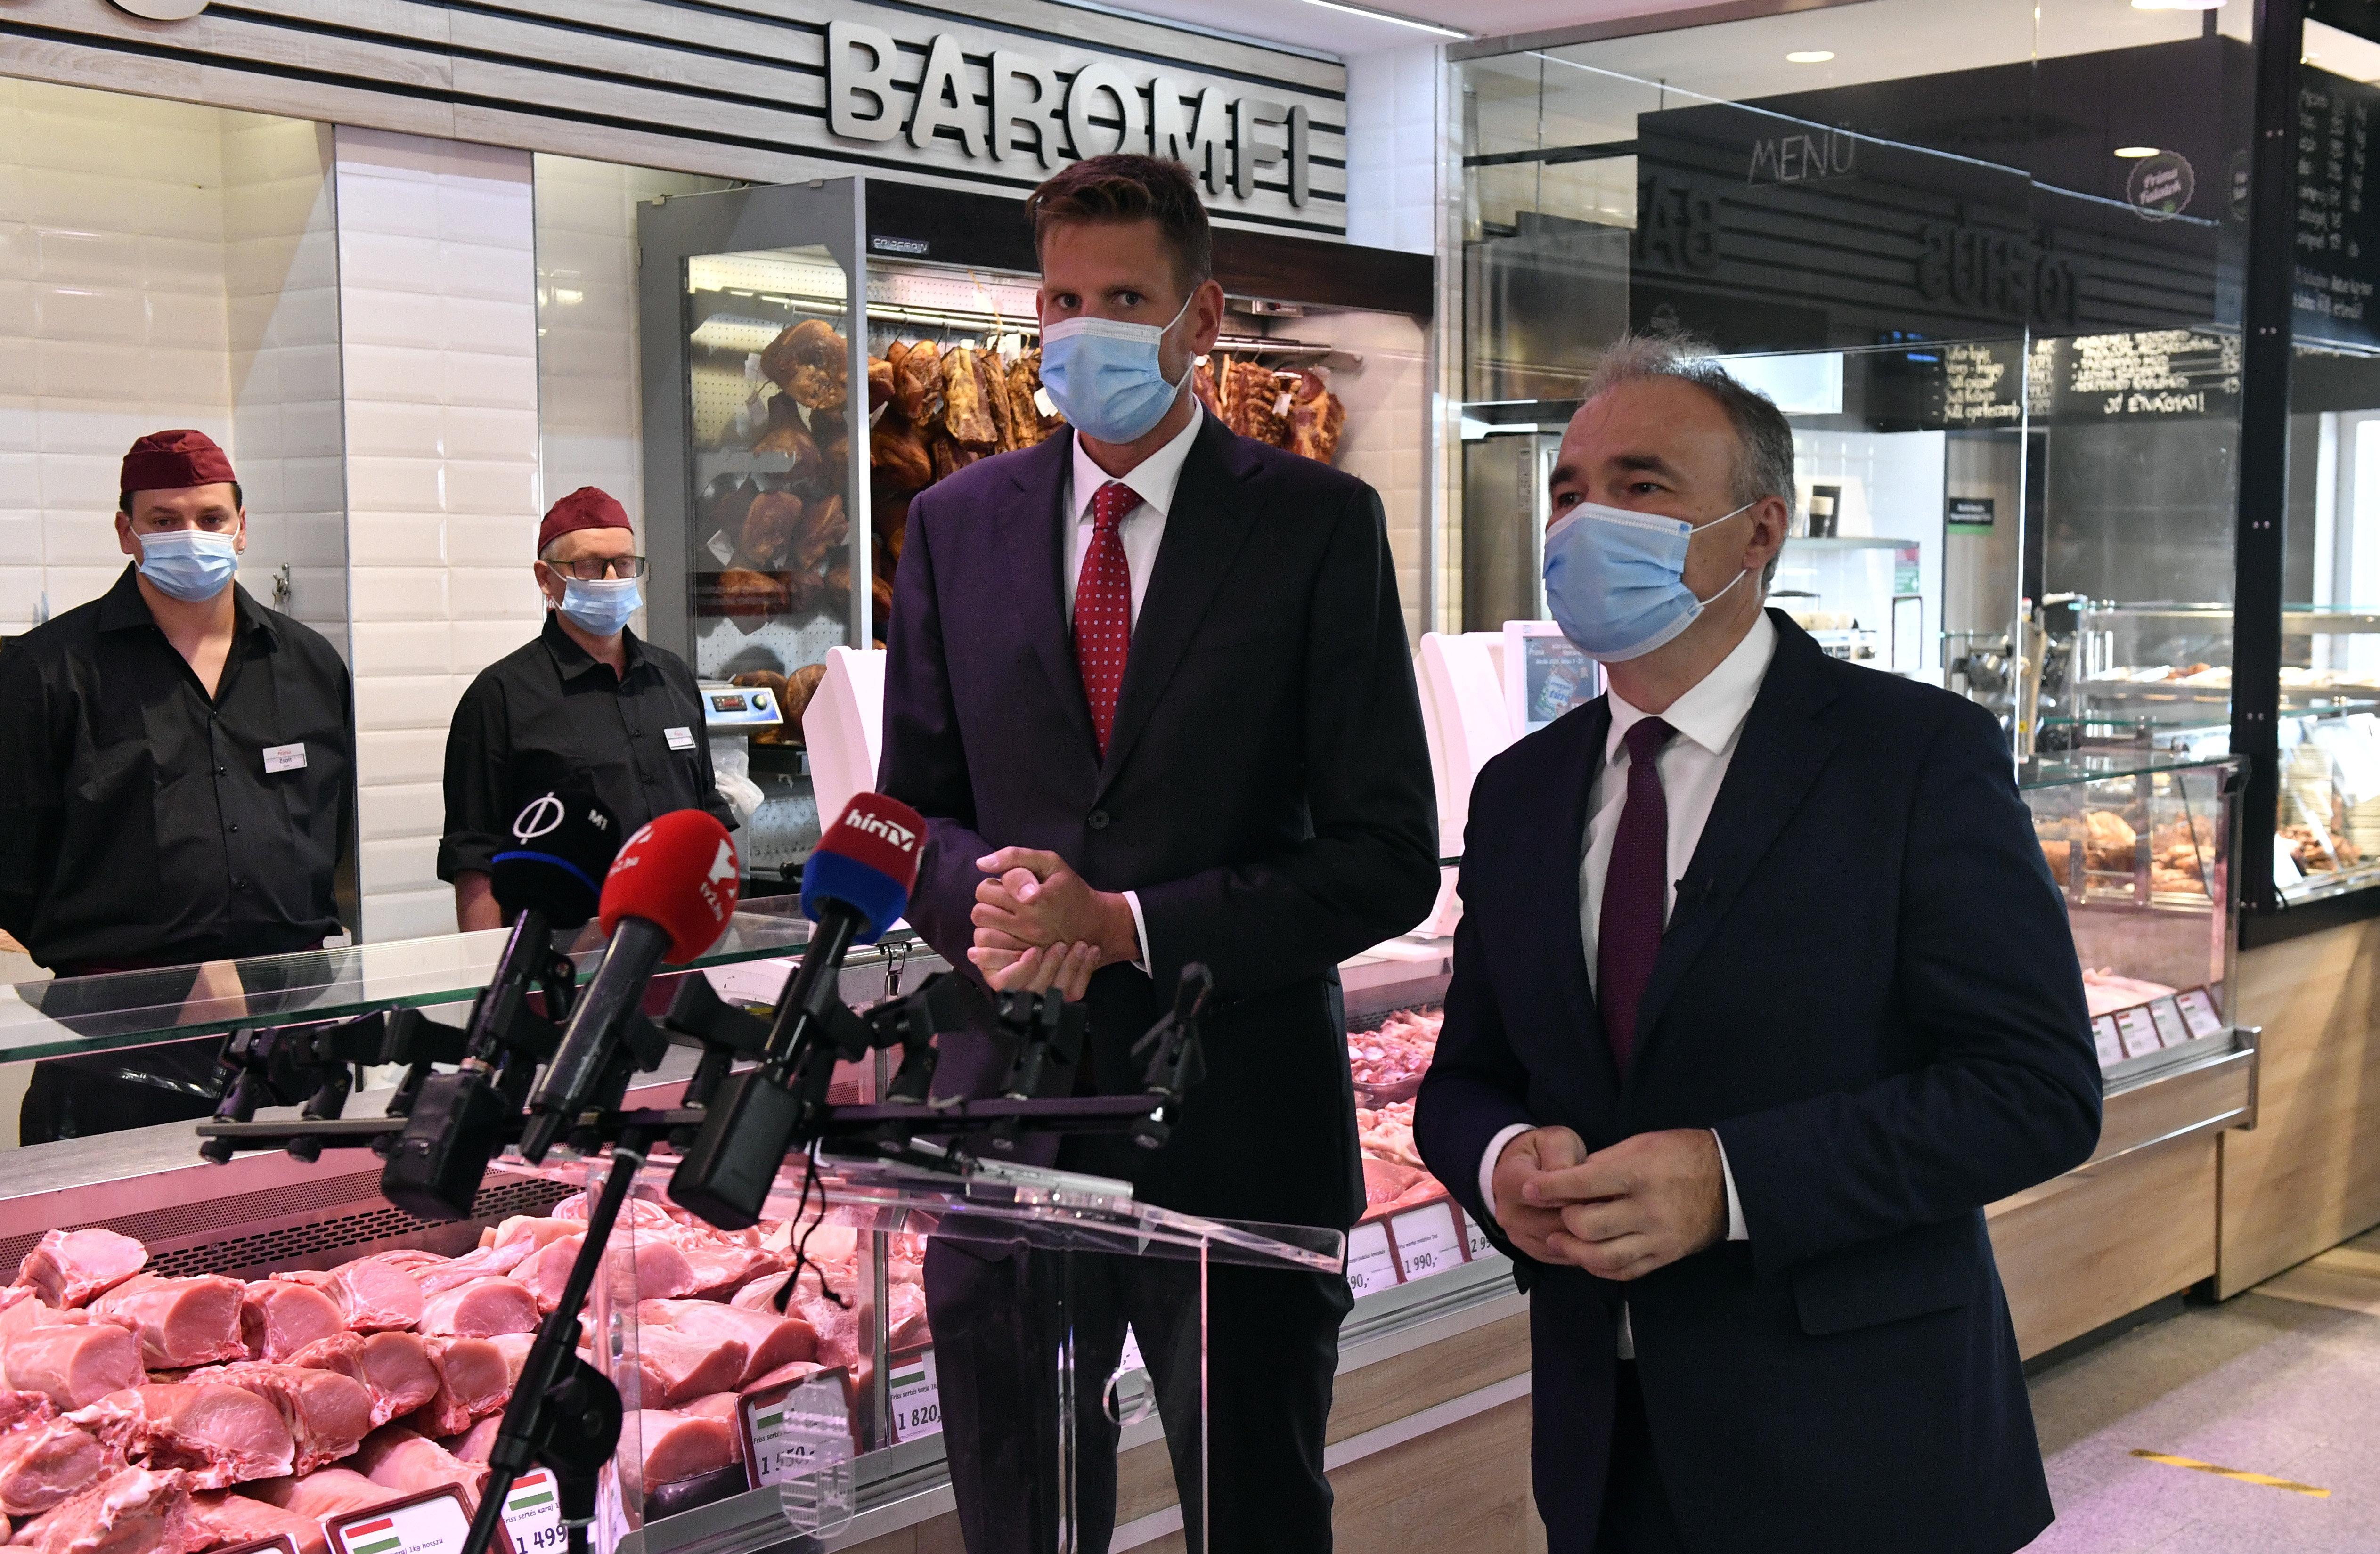 Mától a pultból kínált baromfi-, juh- és kecskehúson is fel kell tüntetni a származási országot